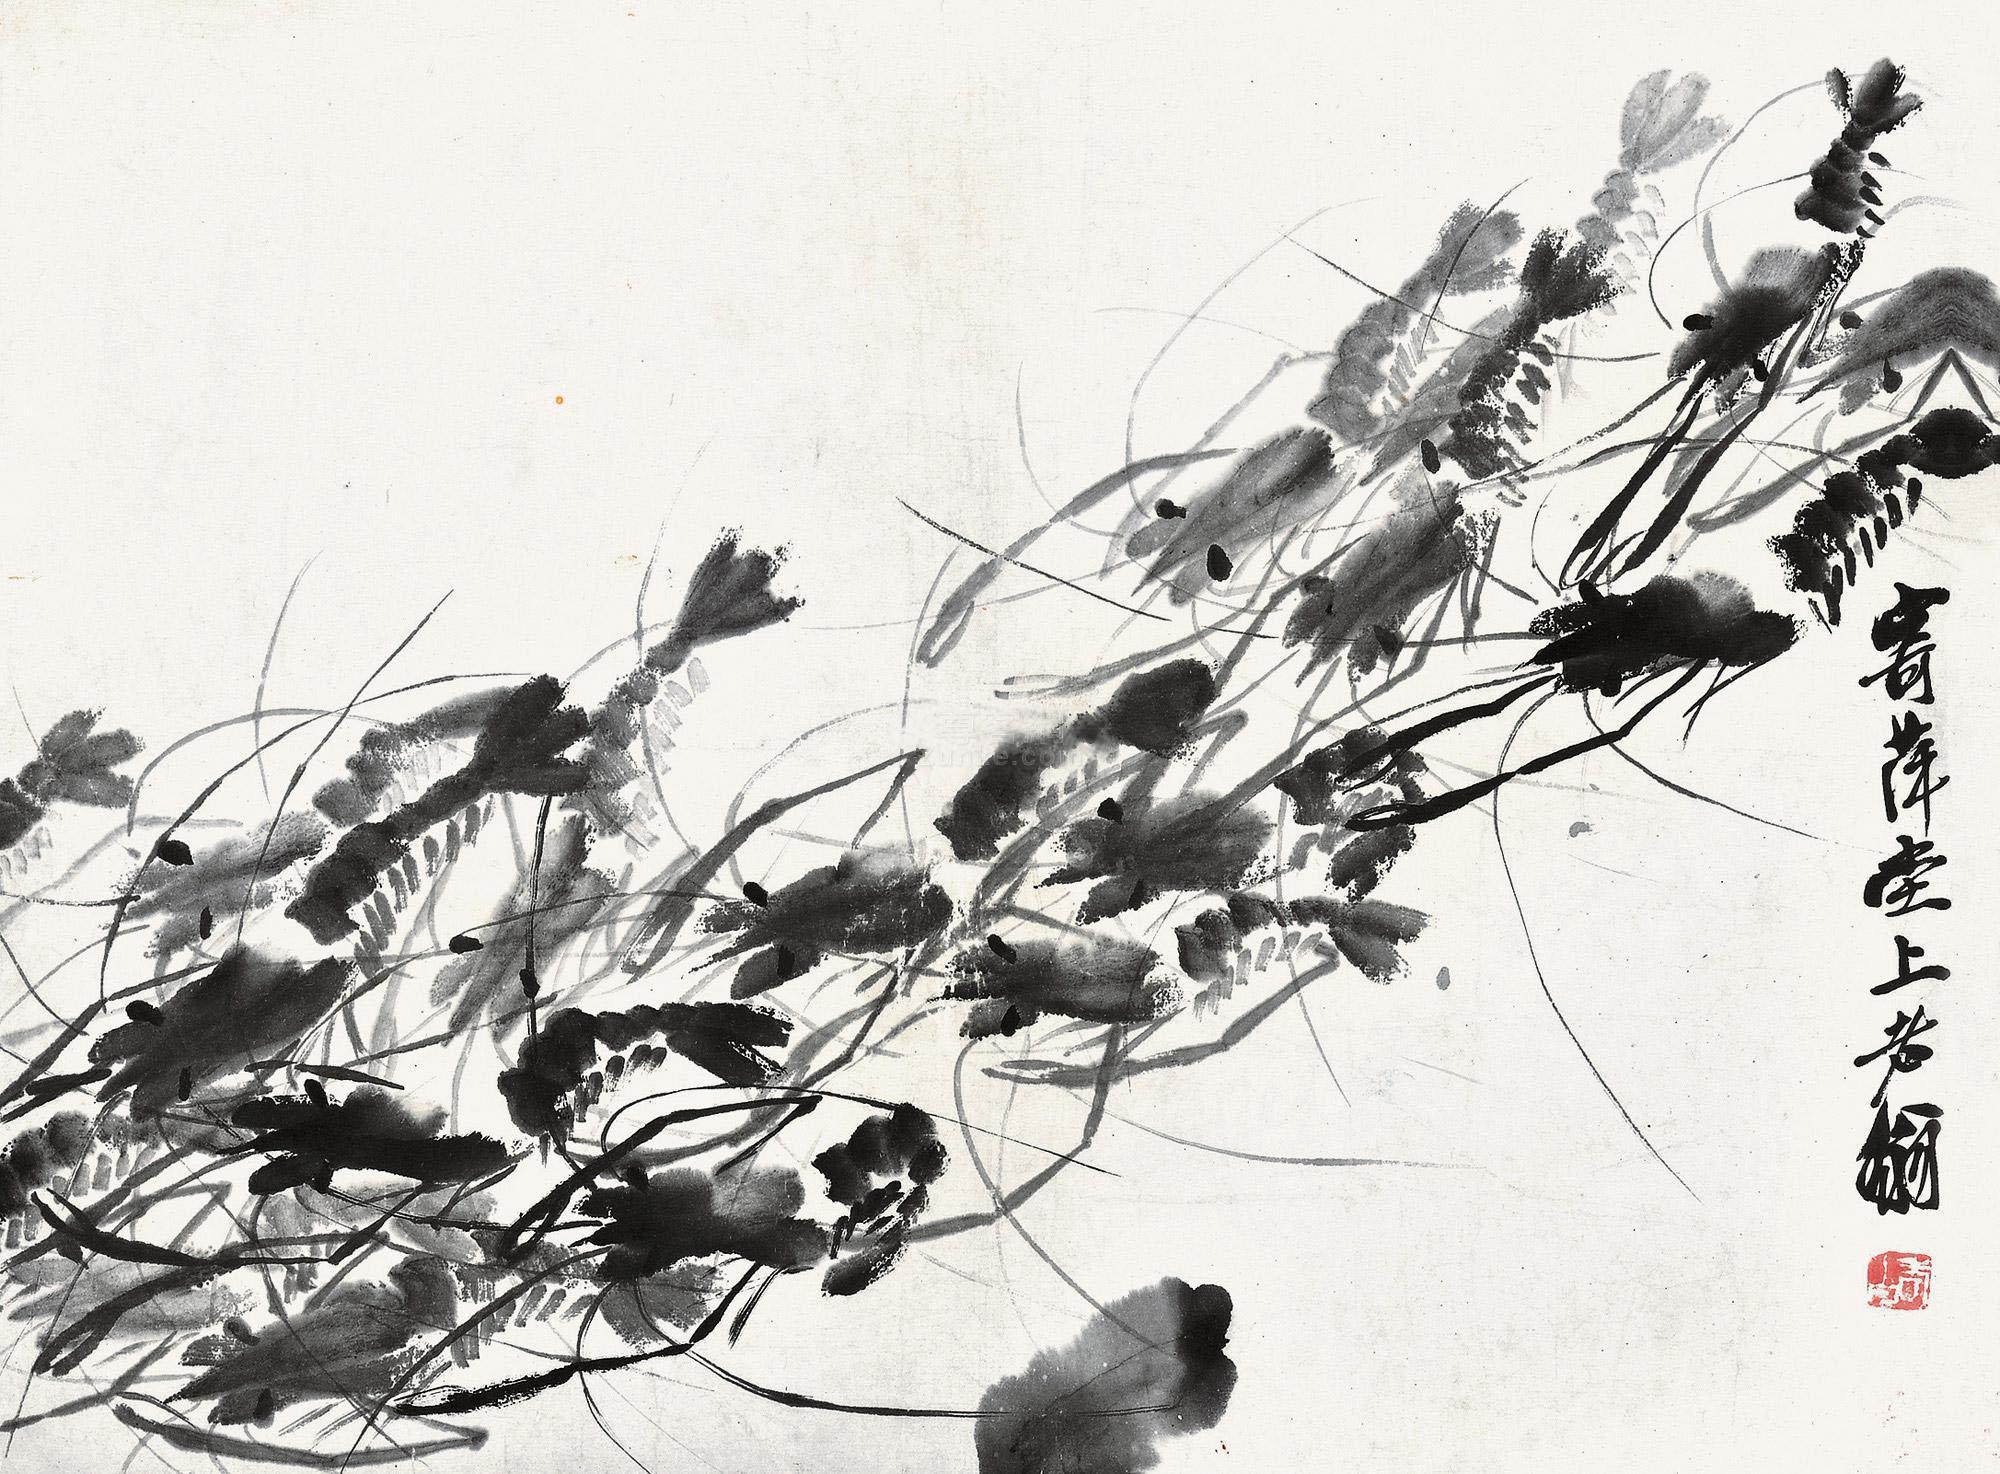 齐白石 齐白石 群虾图 镜片作品欣赏